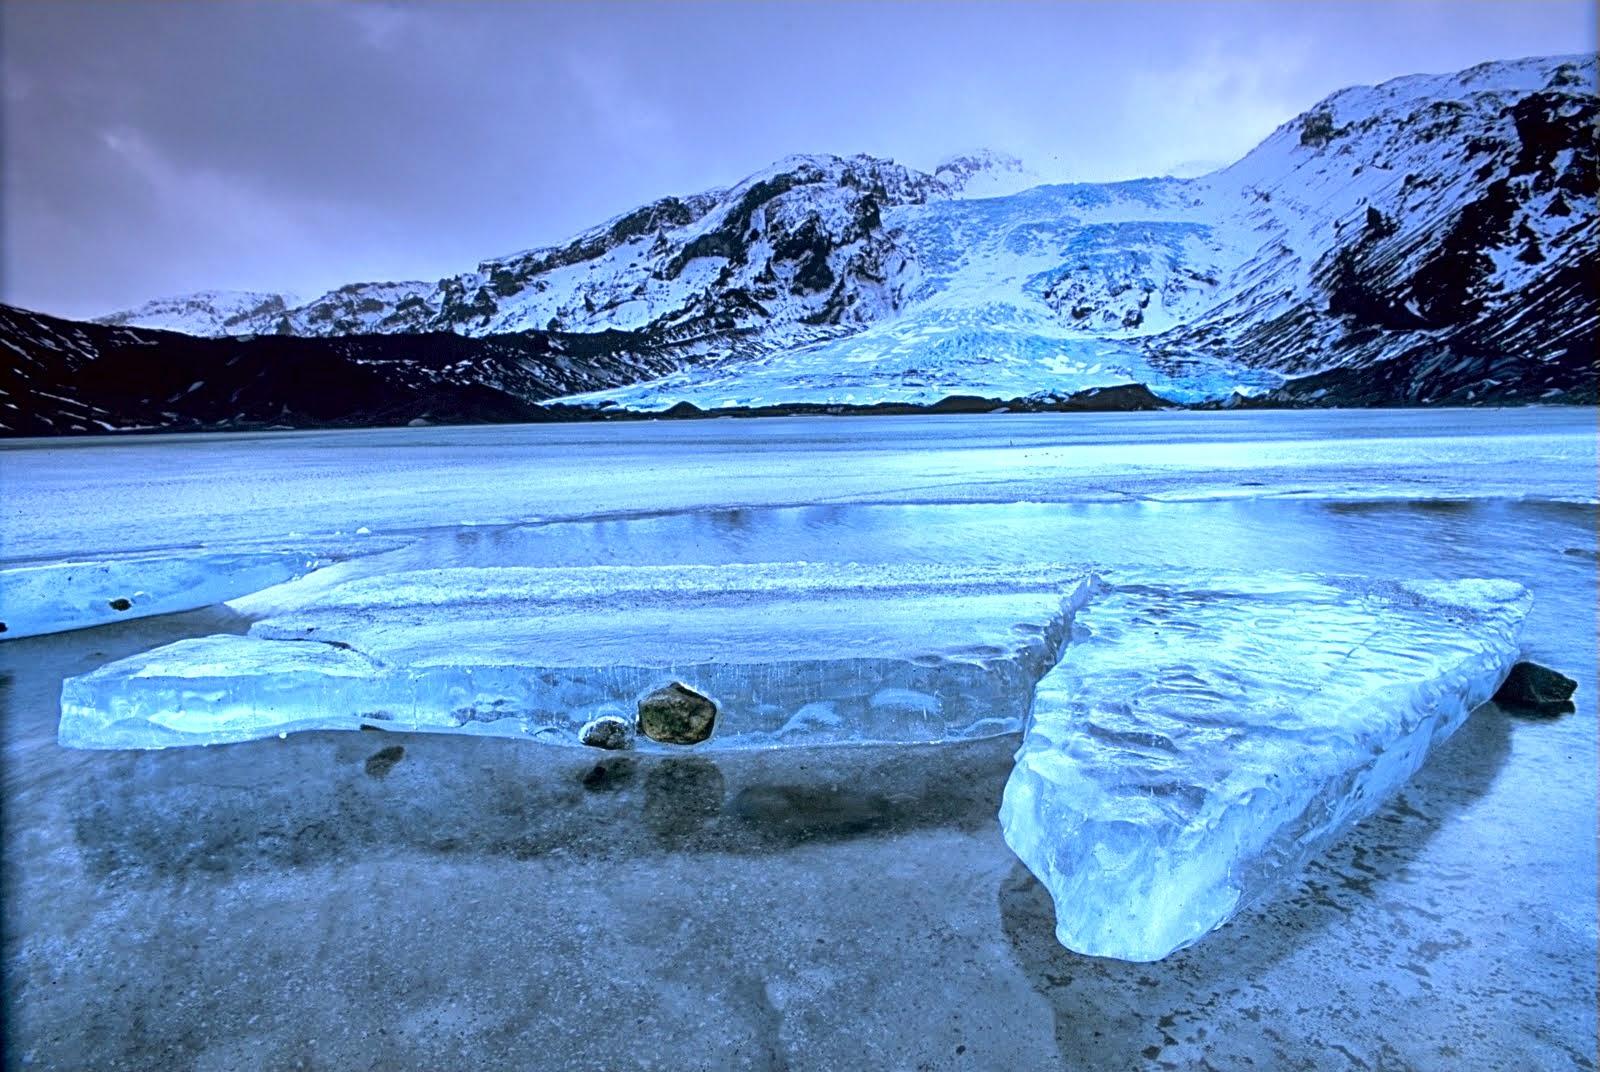 La Meilleure Période de l'Année pour Visiter l'Islande